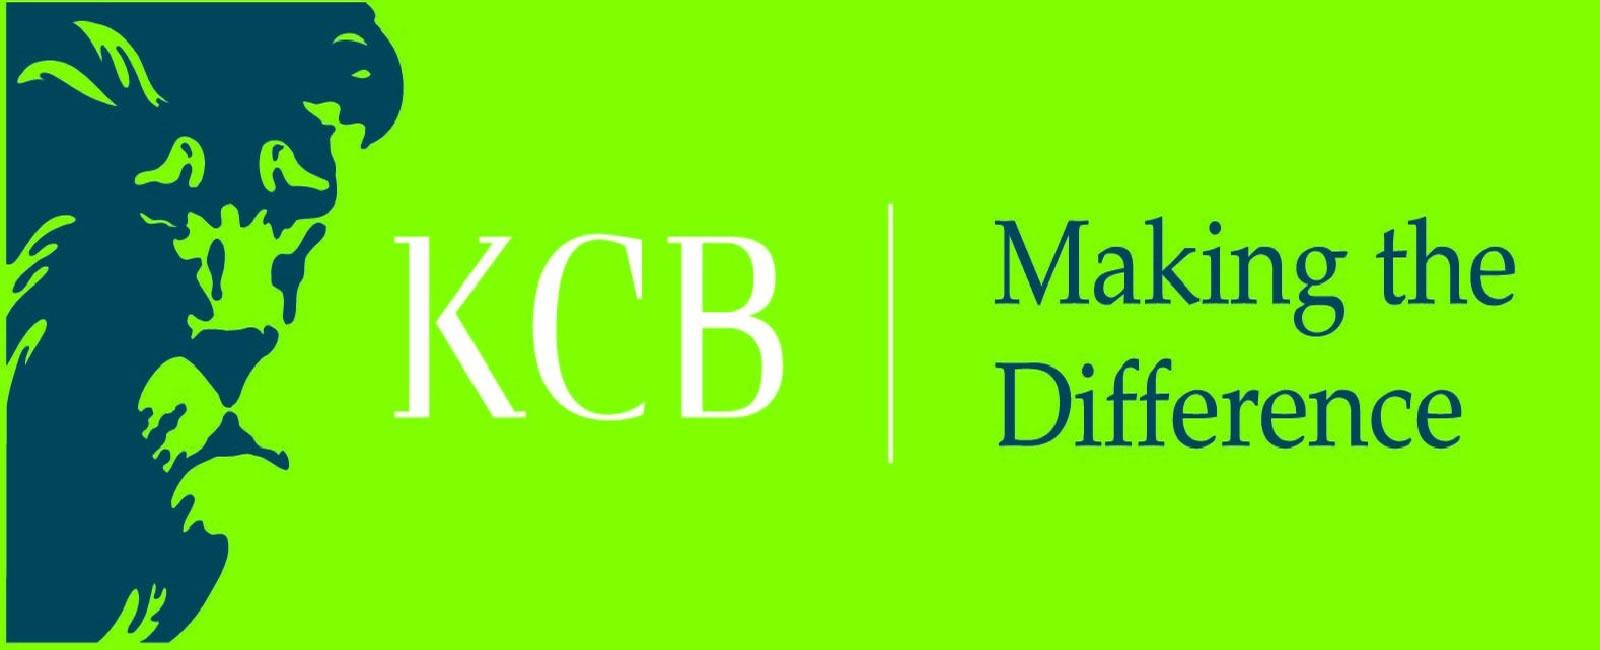 KCB Uganda Jobs 2019